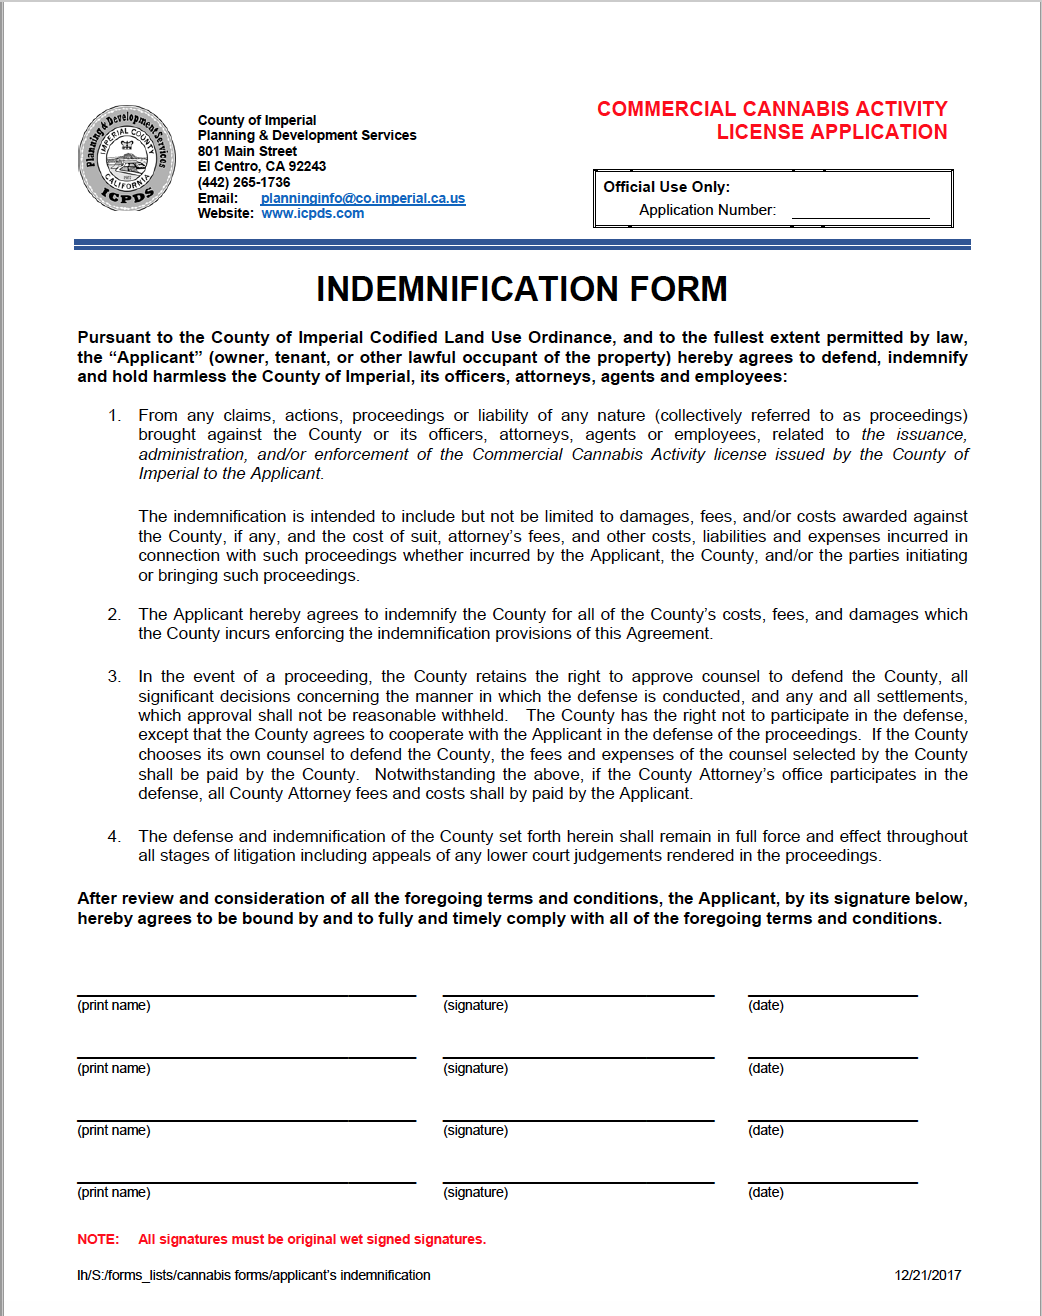 Indemnification Form 2.png